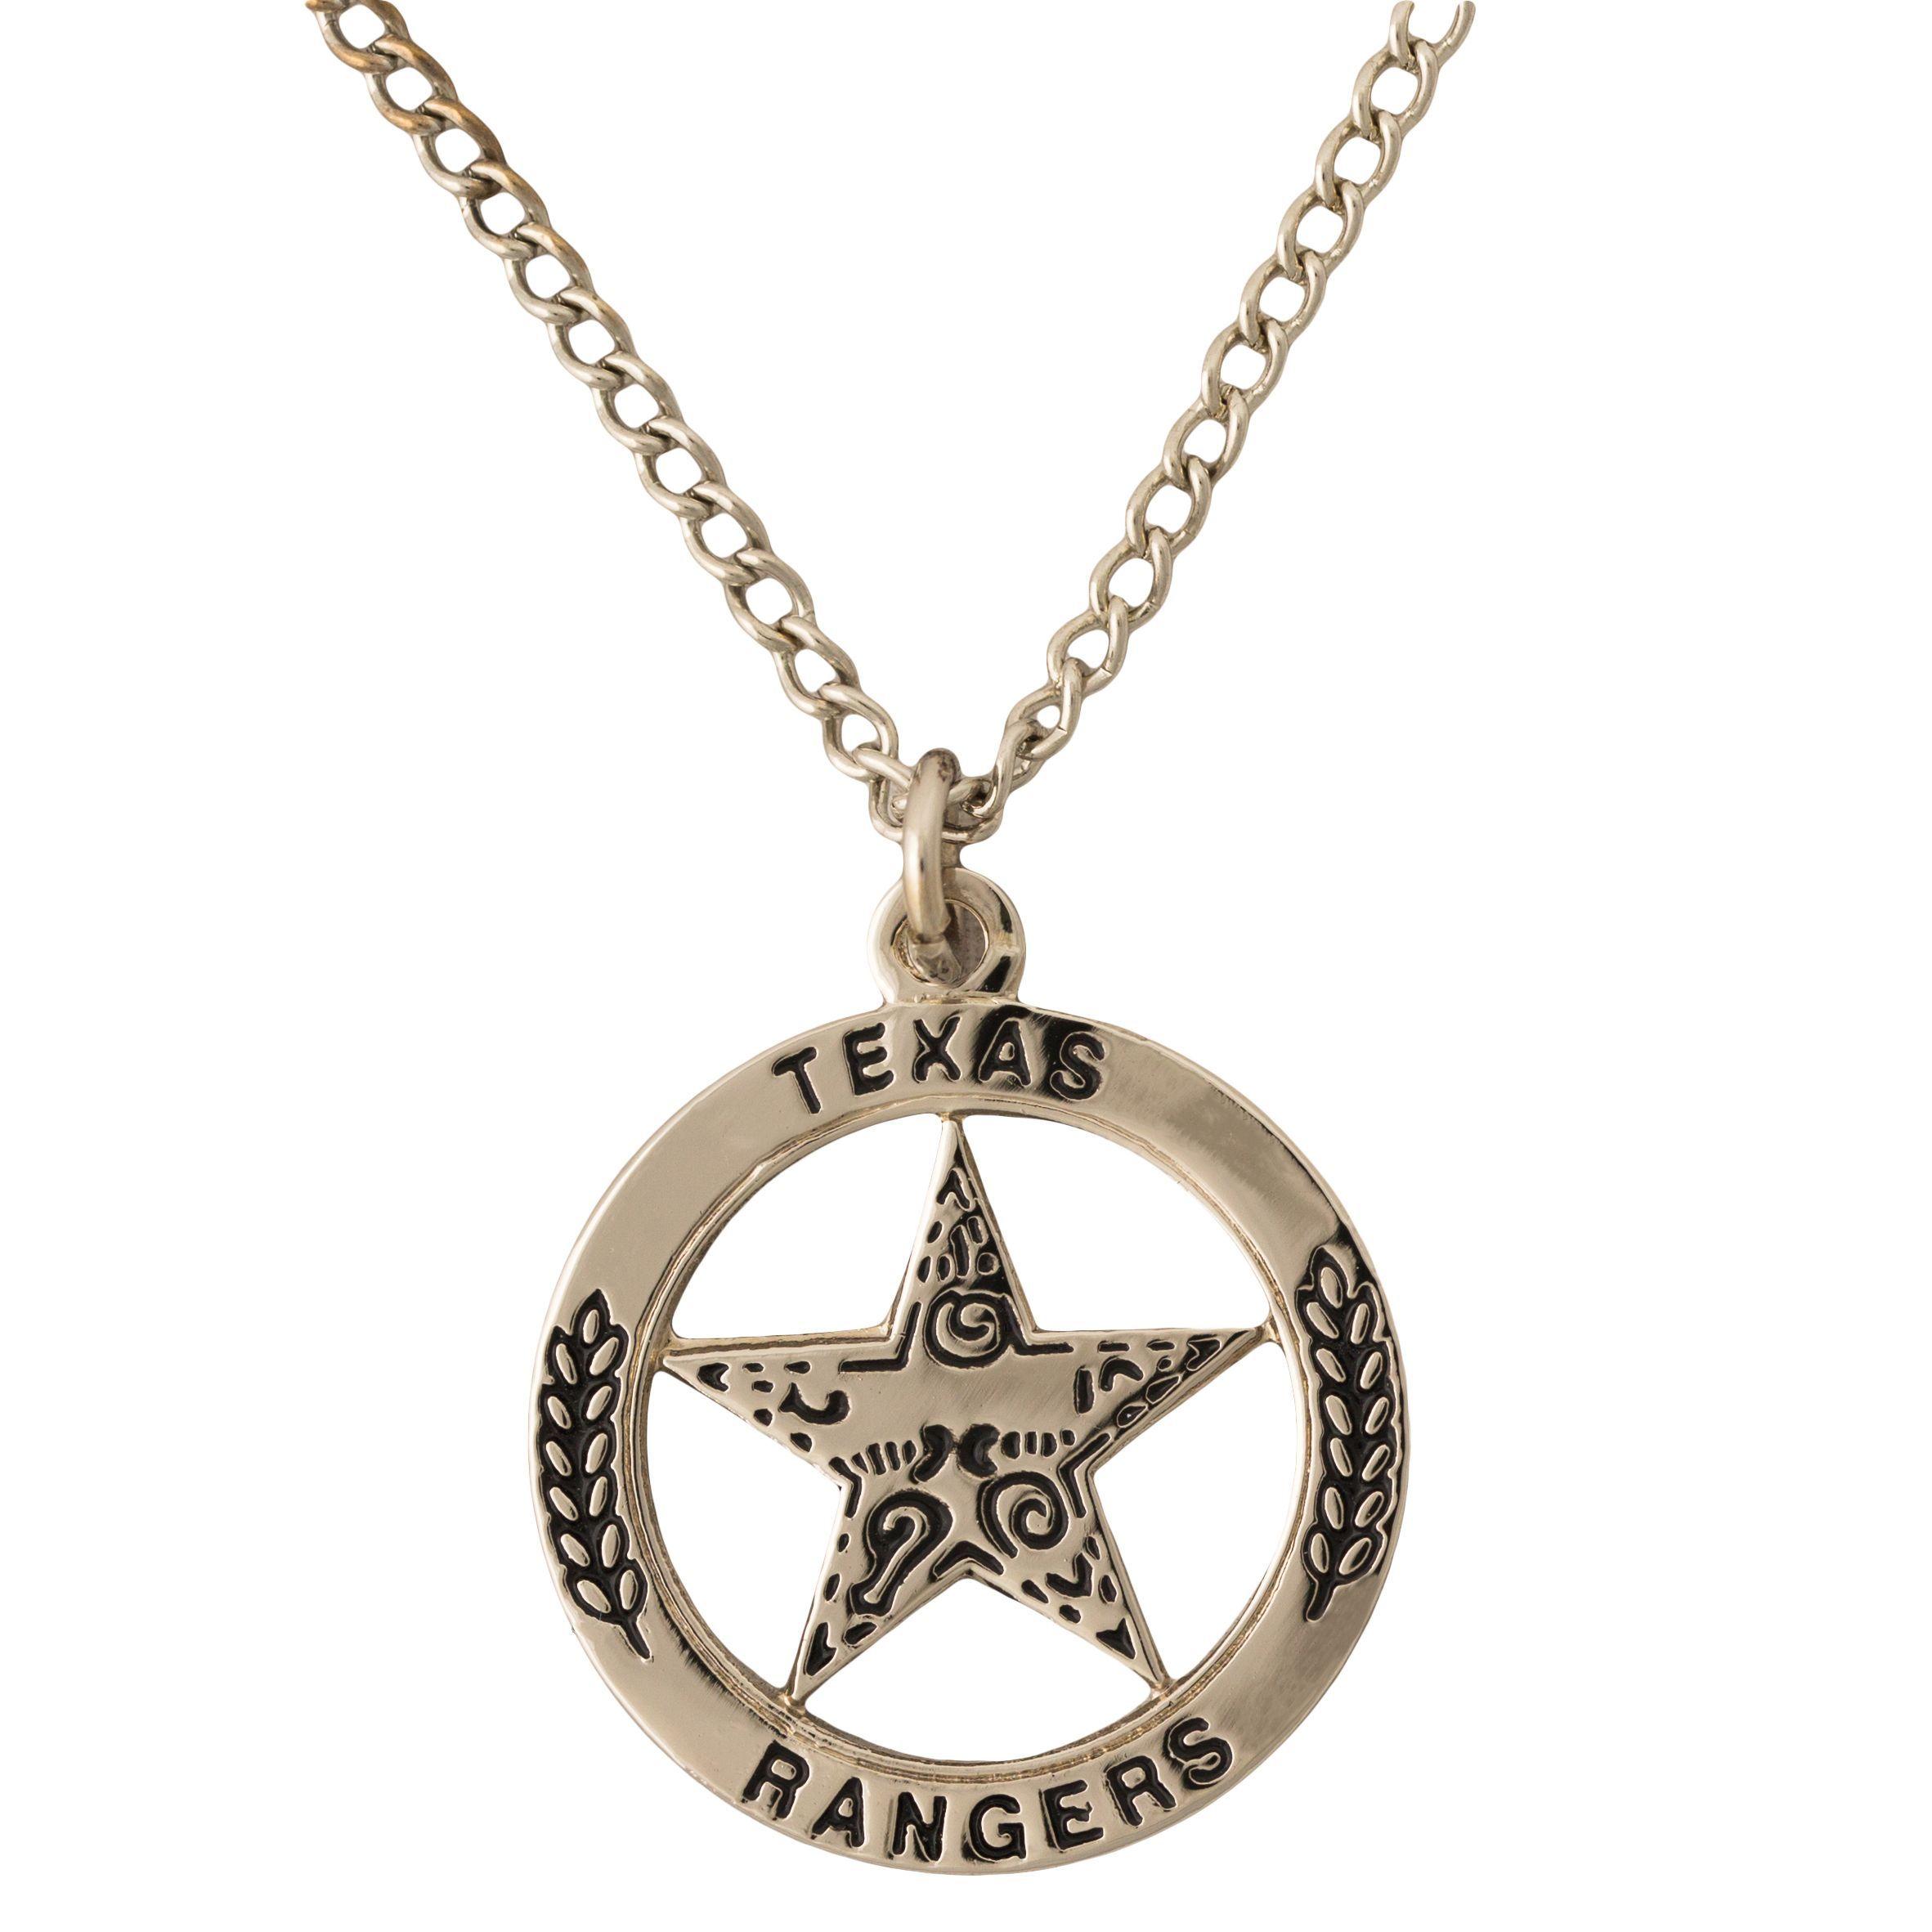 Texas Ranger Silver Tone Pendant Necklace Texas Capitol Gift Shop